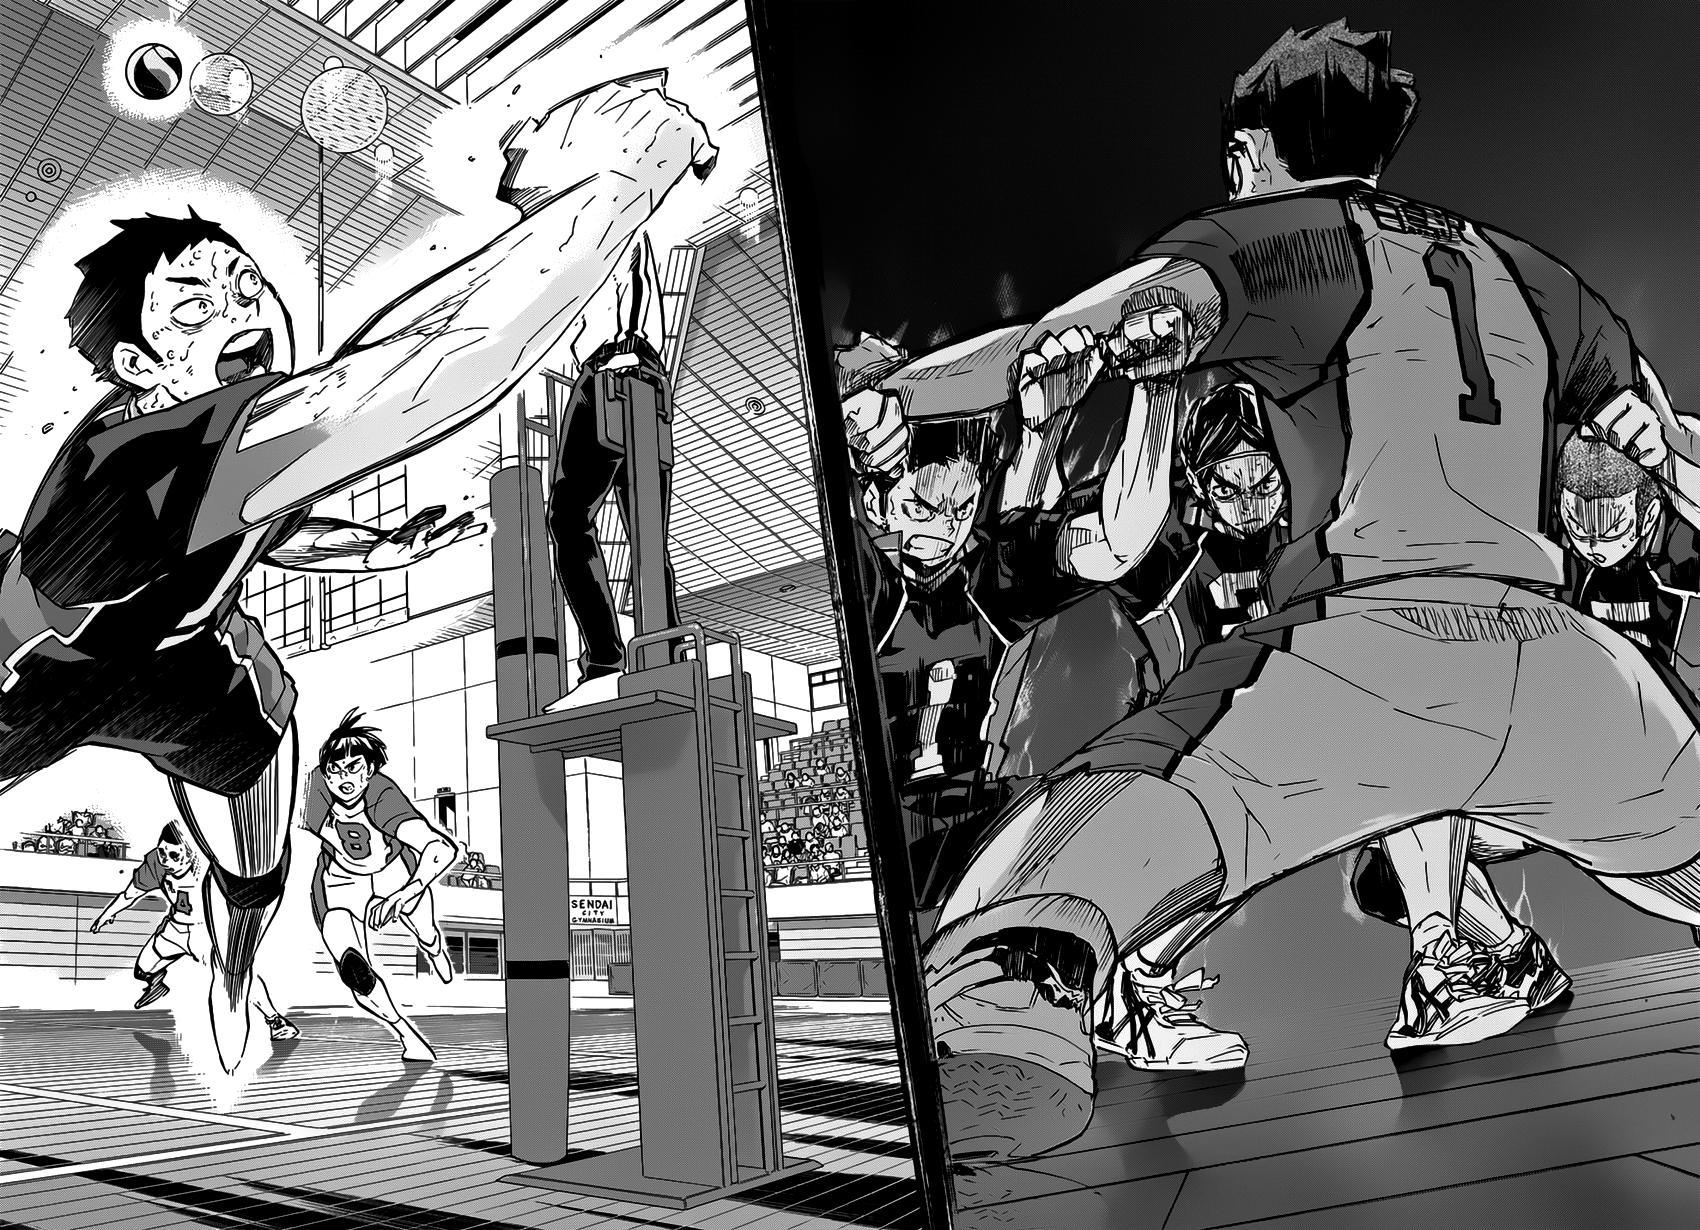 https://c5.ninemanga.com/es_manga/10/10/435128/b8262a23052612c56595a230615f2250.jpg Page 10